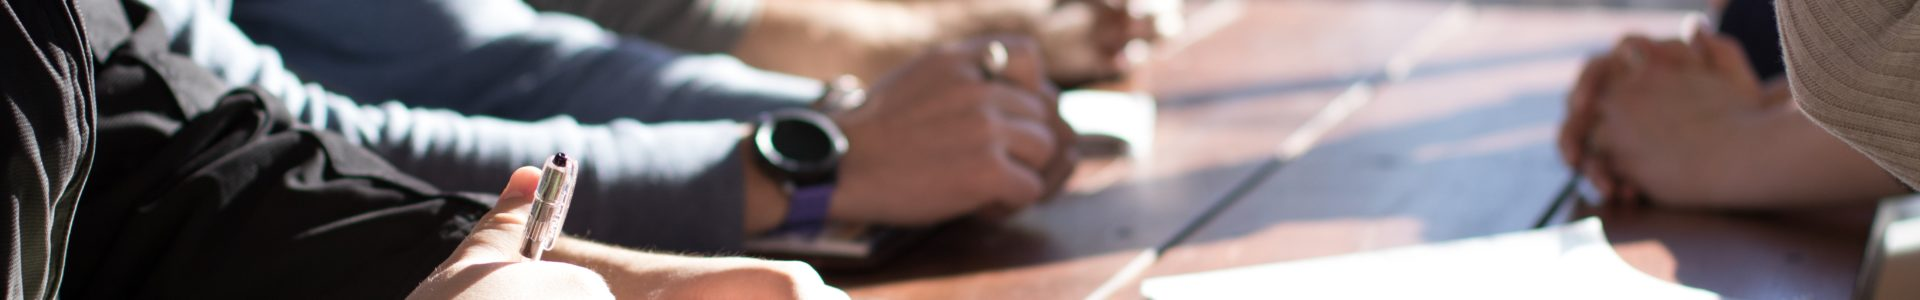 Droit d'information triennale des salariés (vente entreprise)